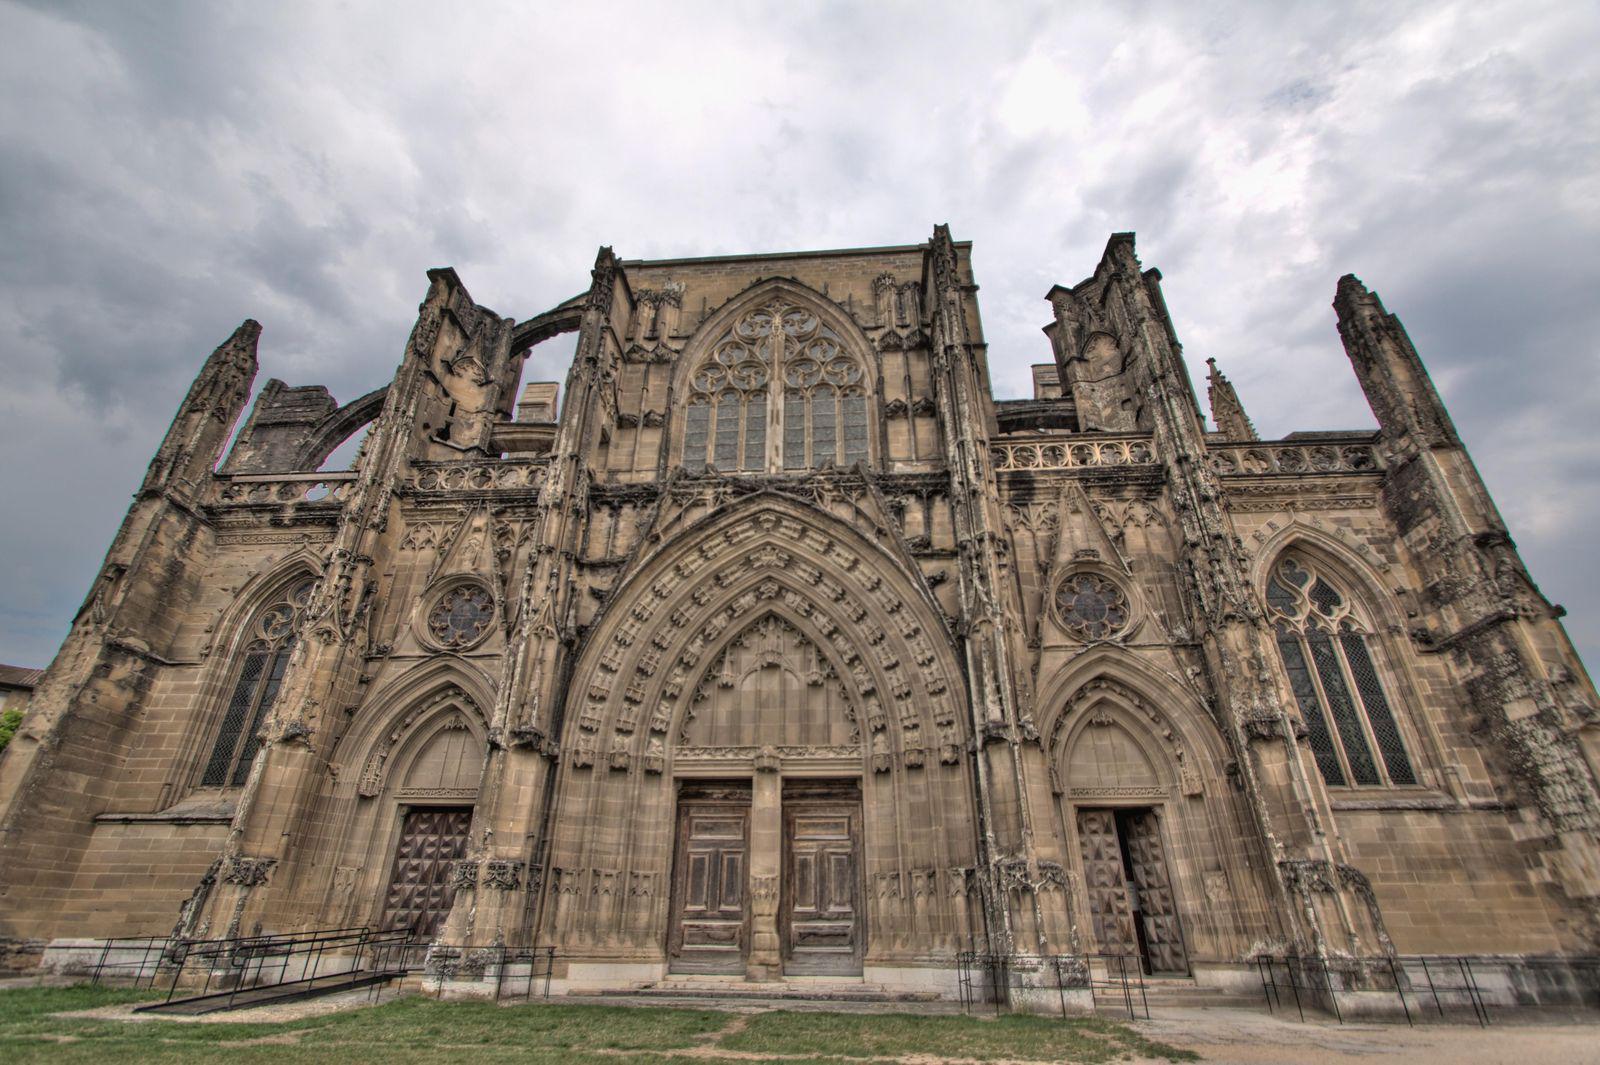 Guide de tourisme par commune saint antoine l 39 abbaye 38 - Saint antoine l abbaye office de tourisme ...